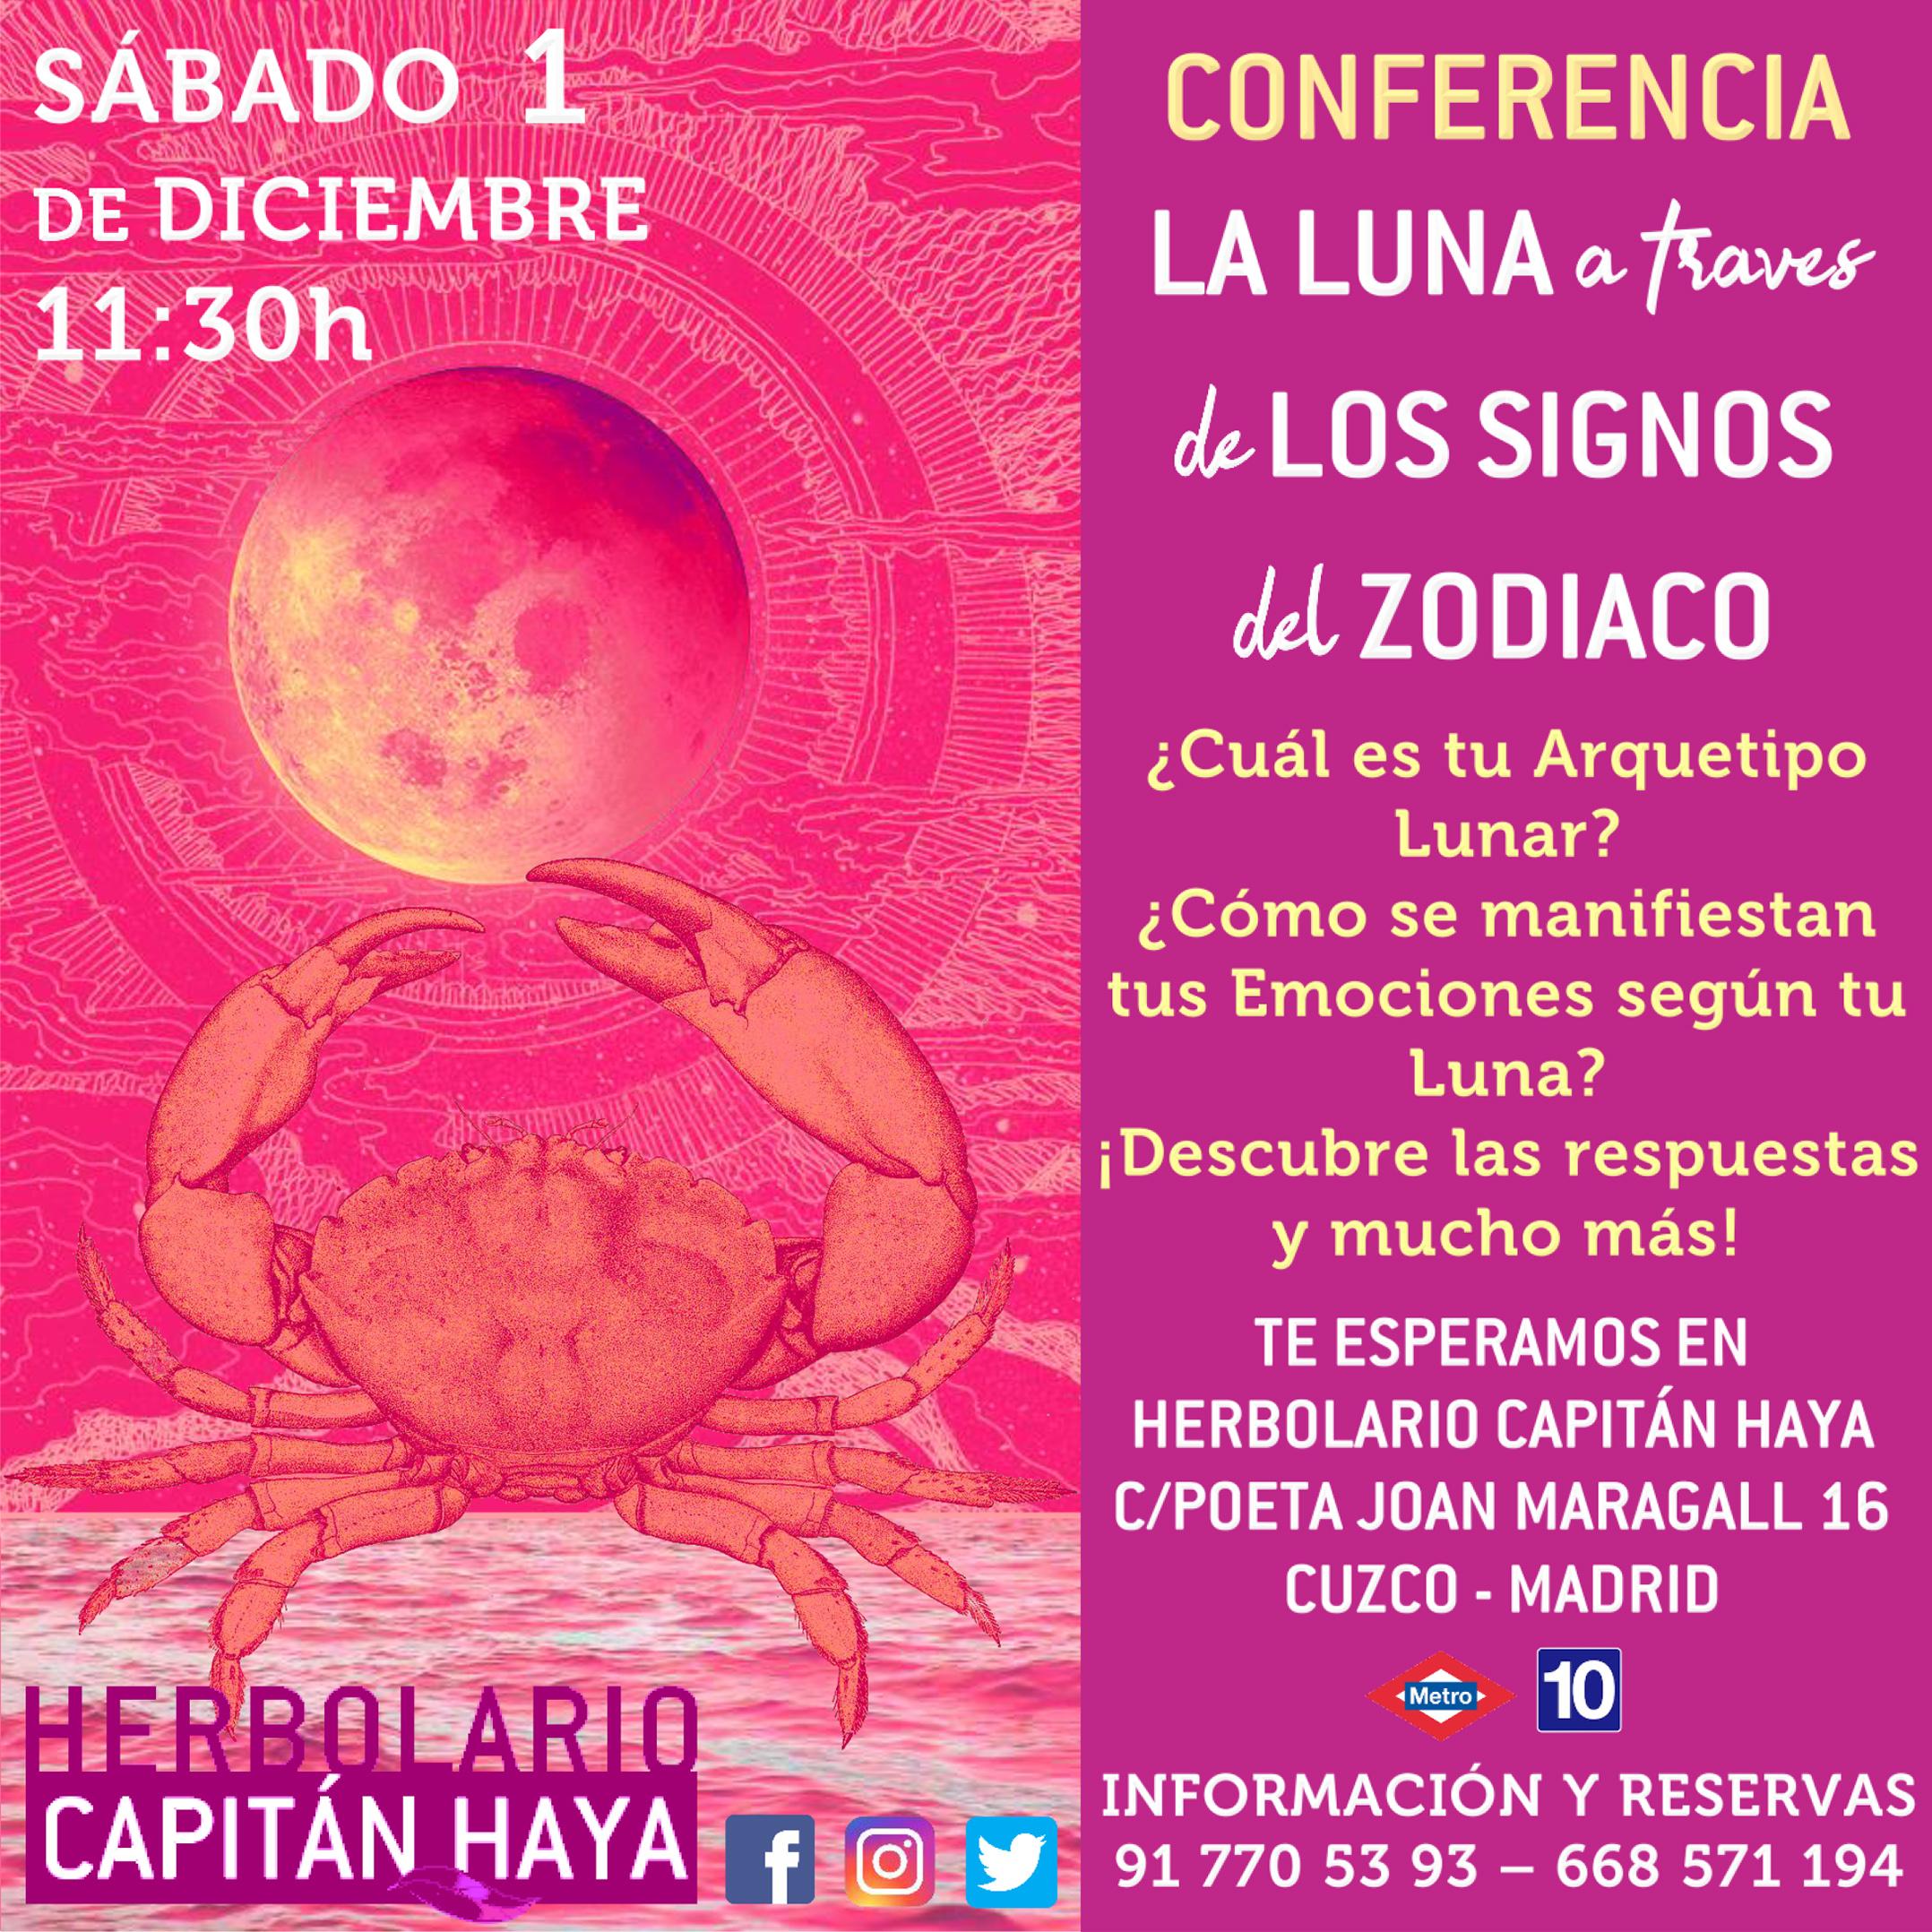 Conferencia signos del zodiaco